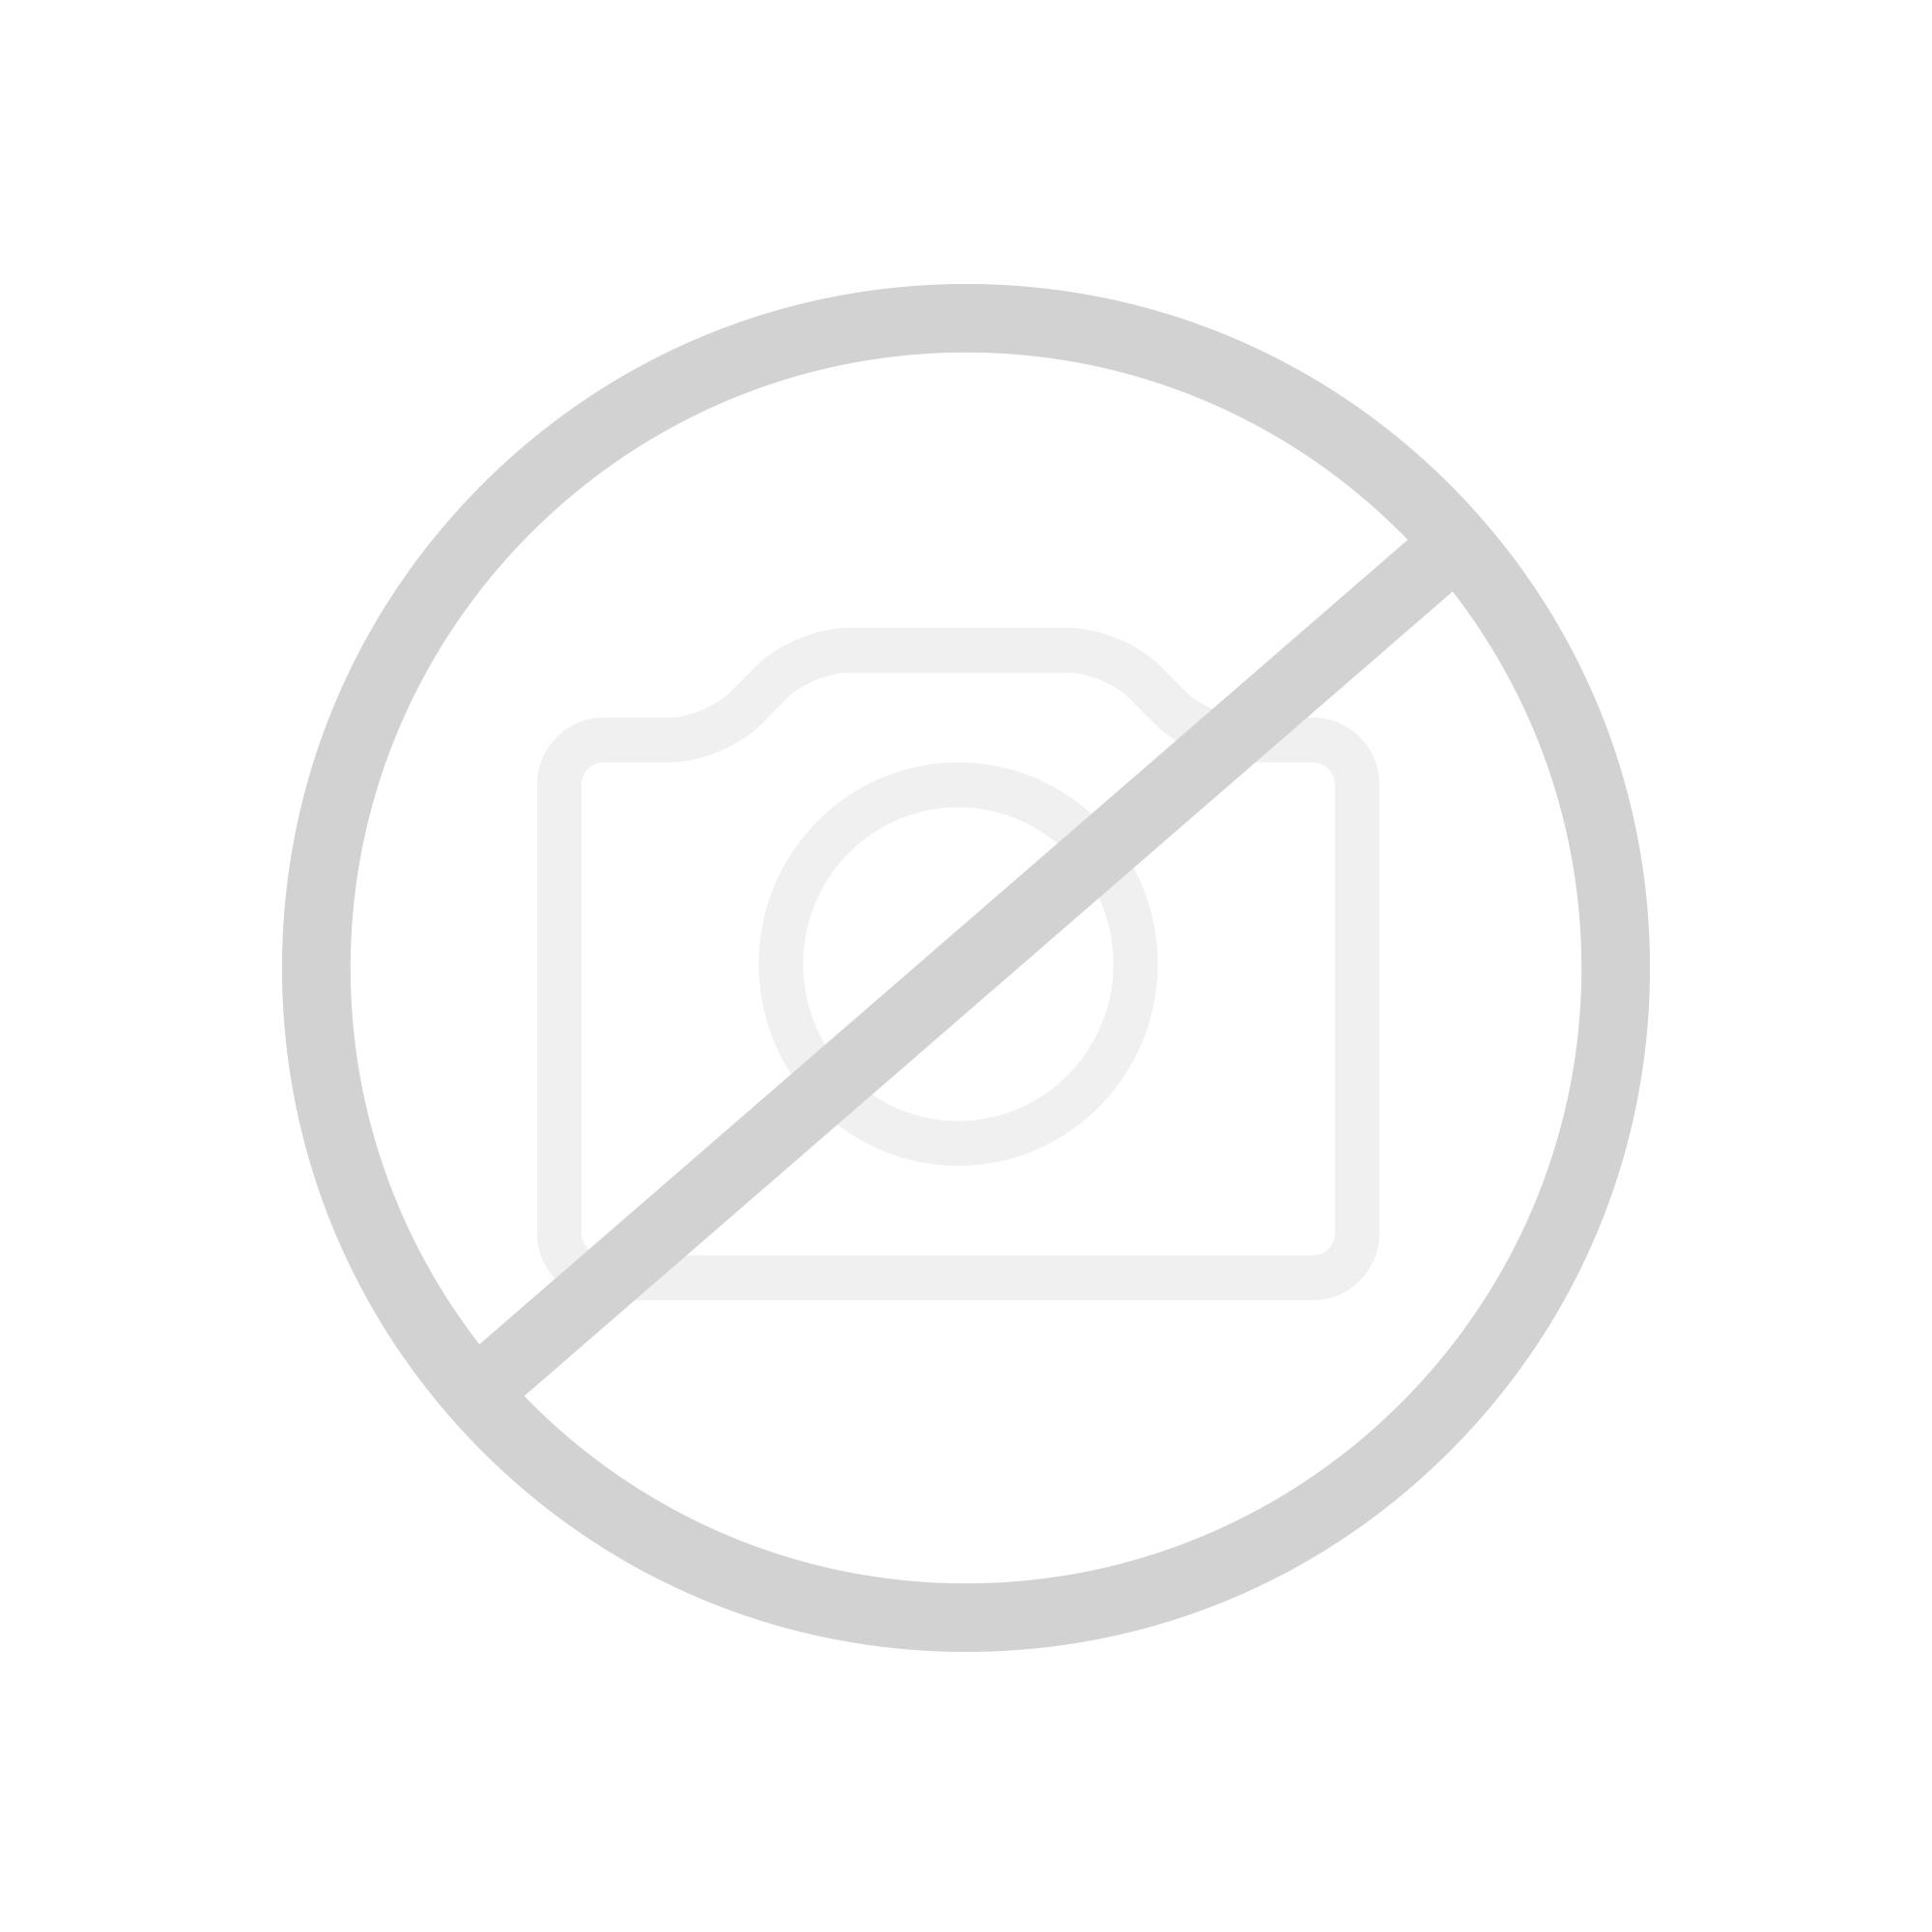 Badewannenarmaturen günstig kaufen im REUTER Onlineshop | {Badewannenarmaturen mit brause 43}